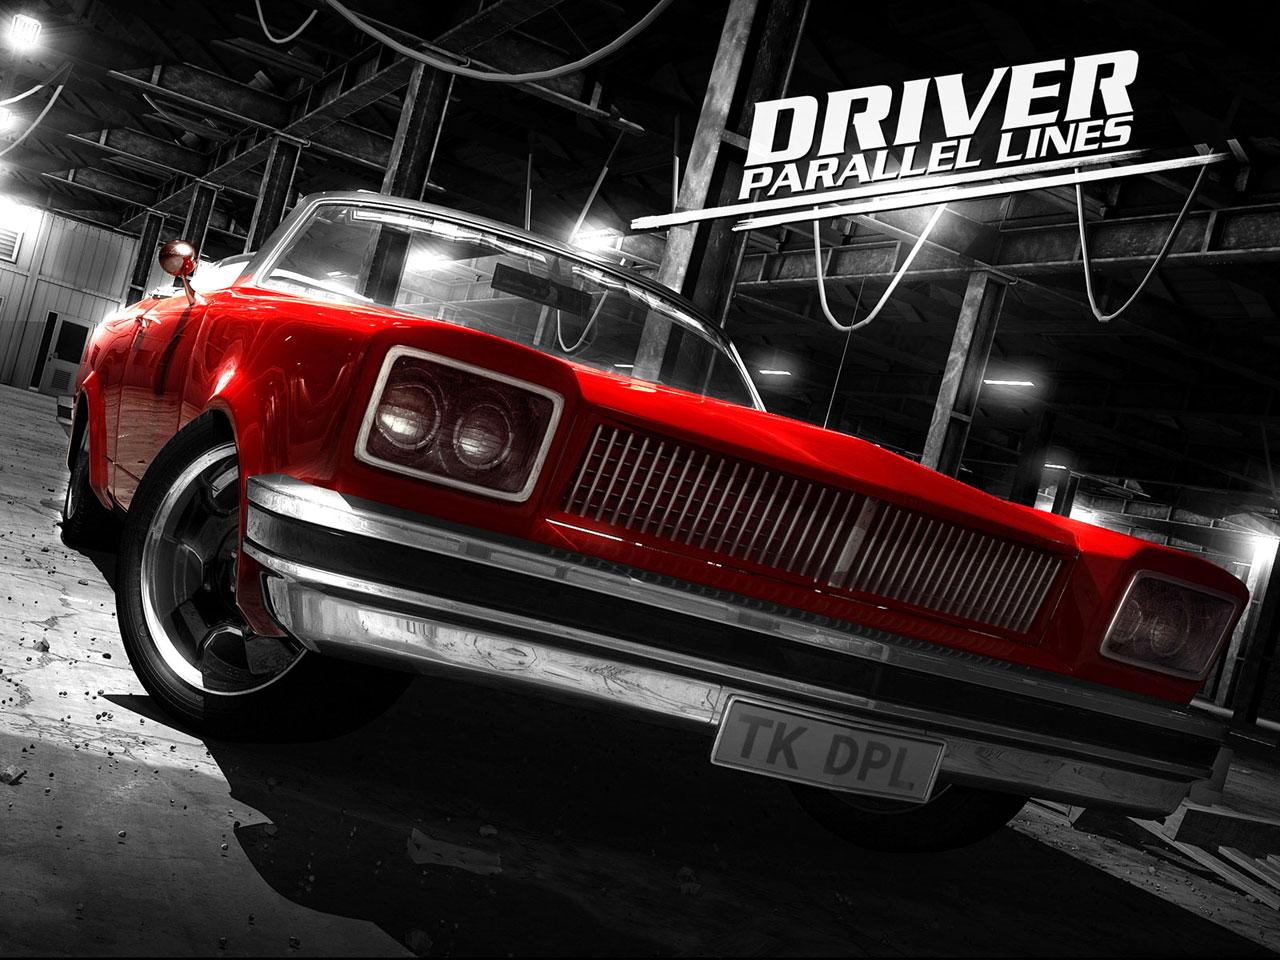 http://2.bp.blogspot.com/-g9iVEIeNFr0/TWwznLhLYzI/AAAAAAAAAHA/xlQmfemkuMs/s1600/Driver%2BParallel%2BLines.jpg